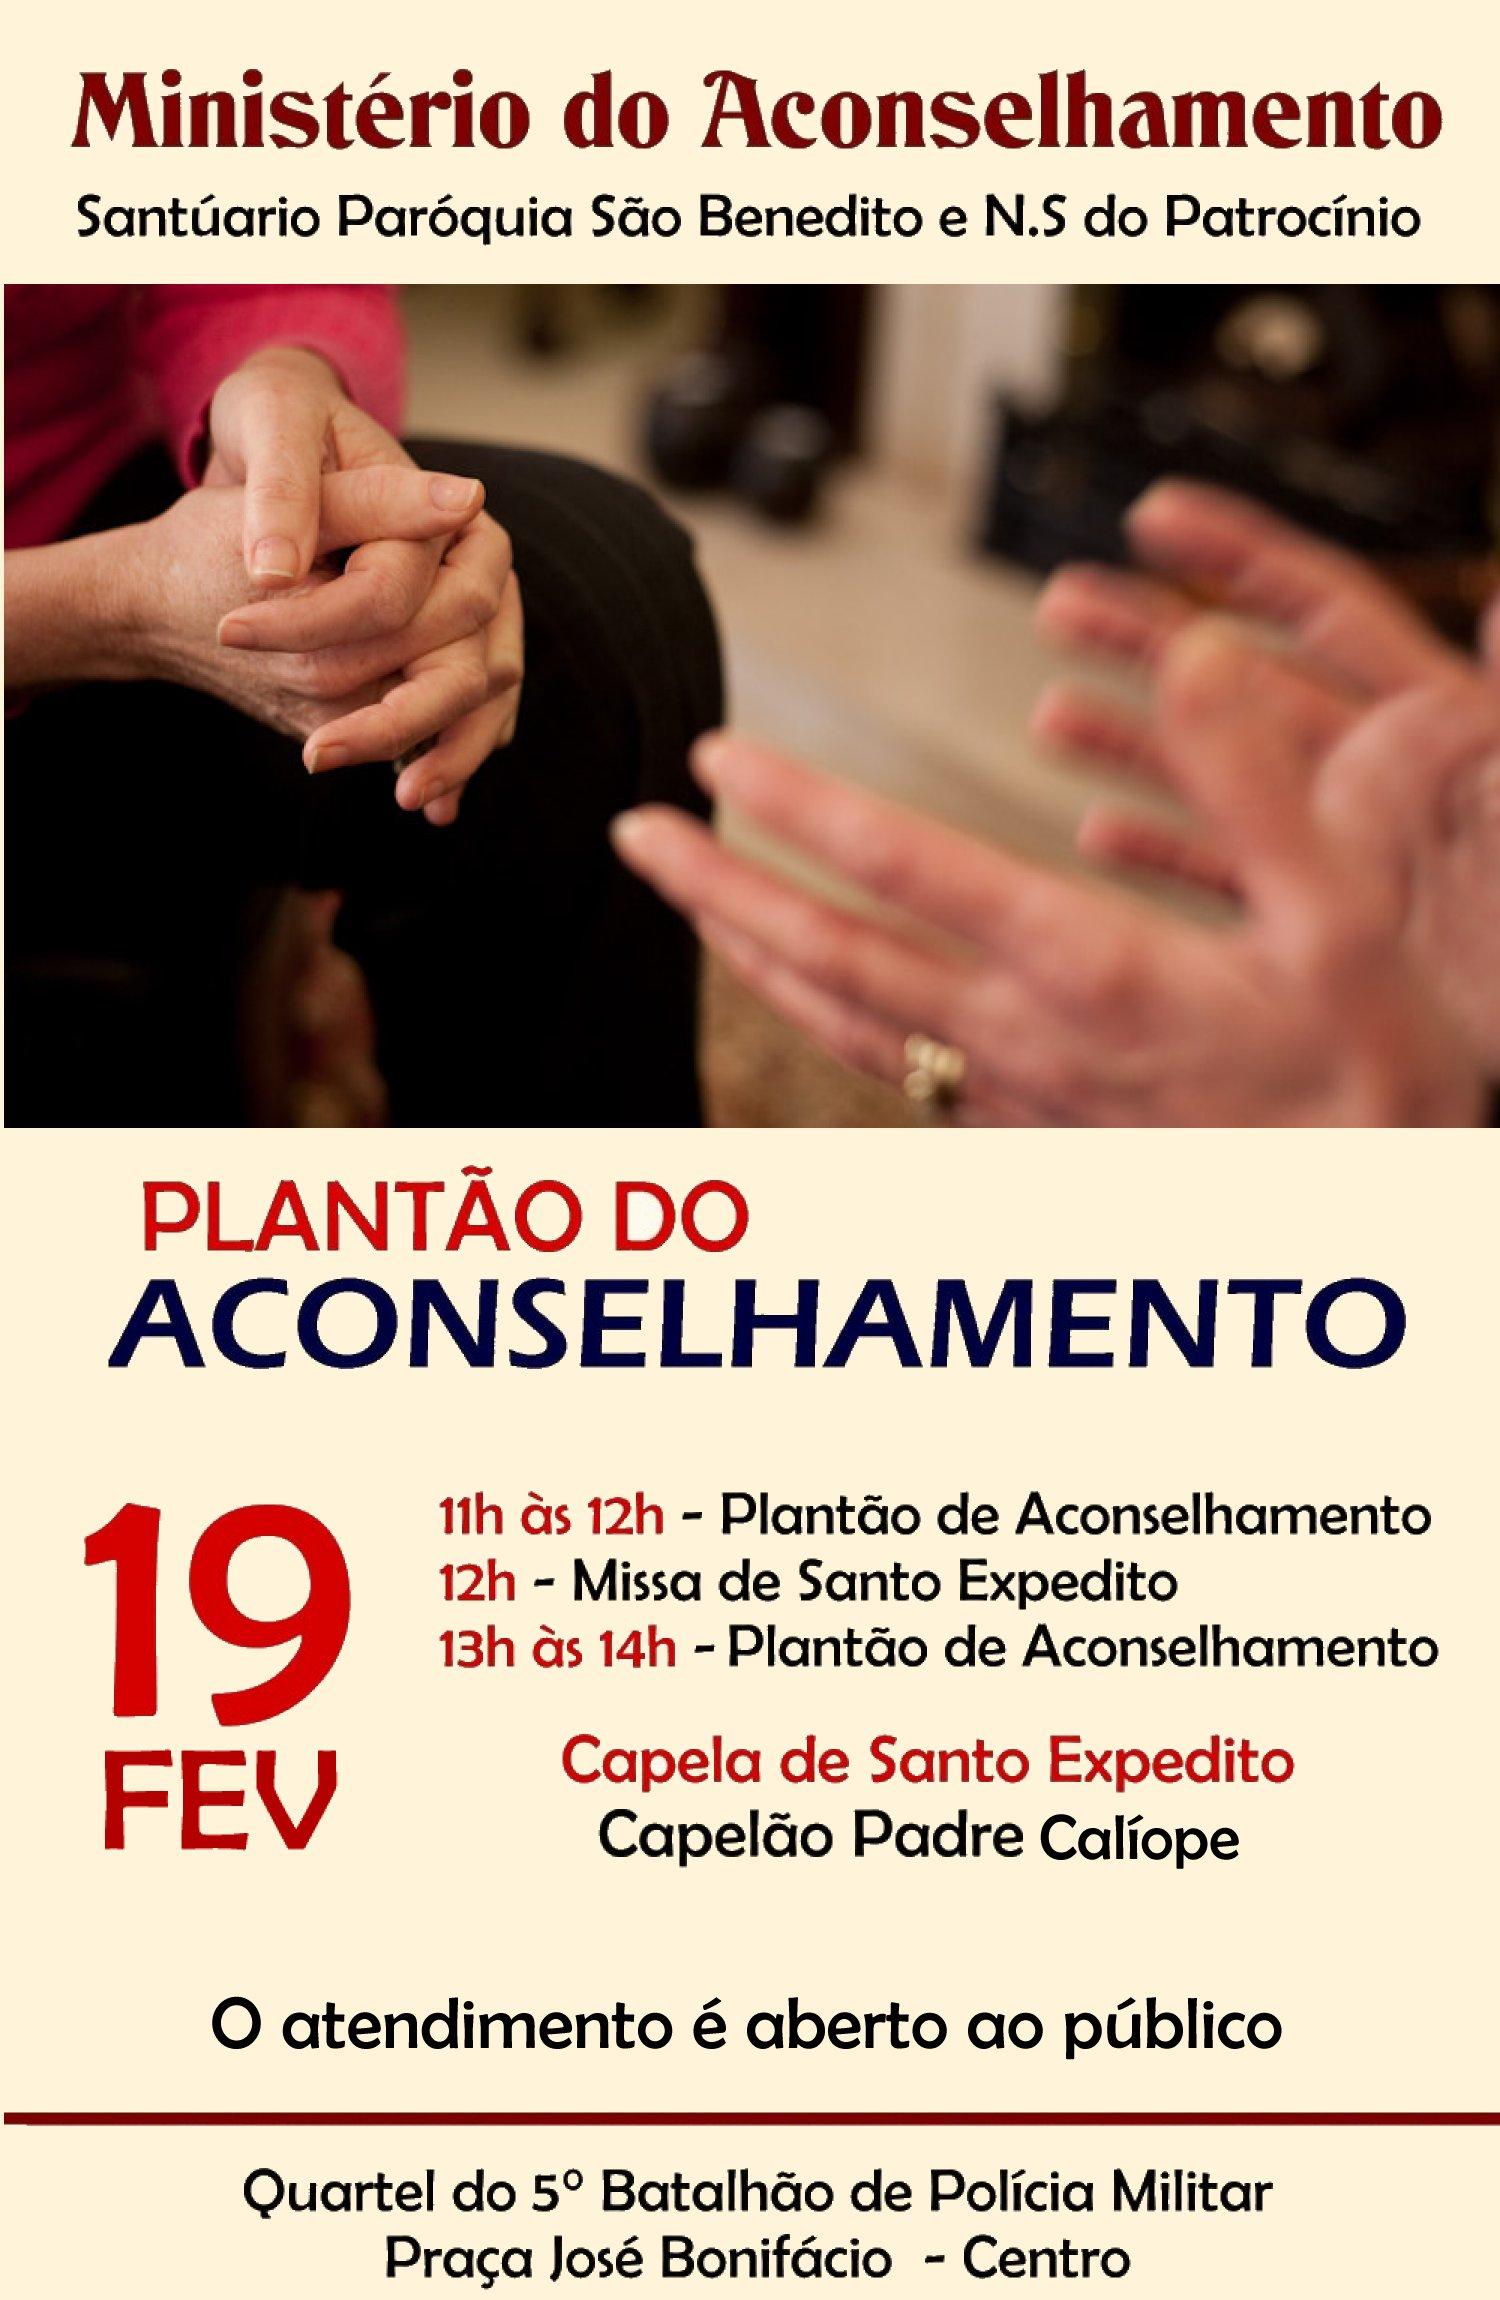 Mutirão do Aconselhamento no próximo dia 19/02 na Capela de Santo Expedito: Participe!